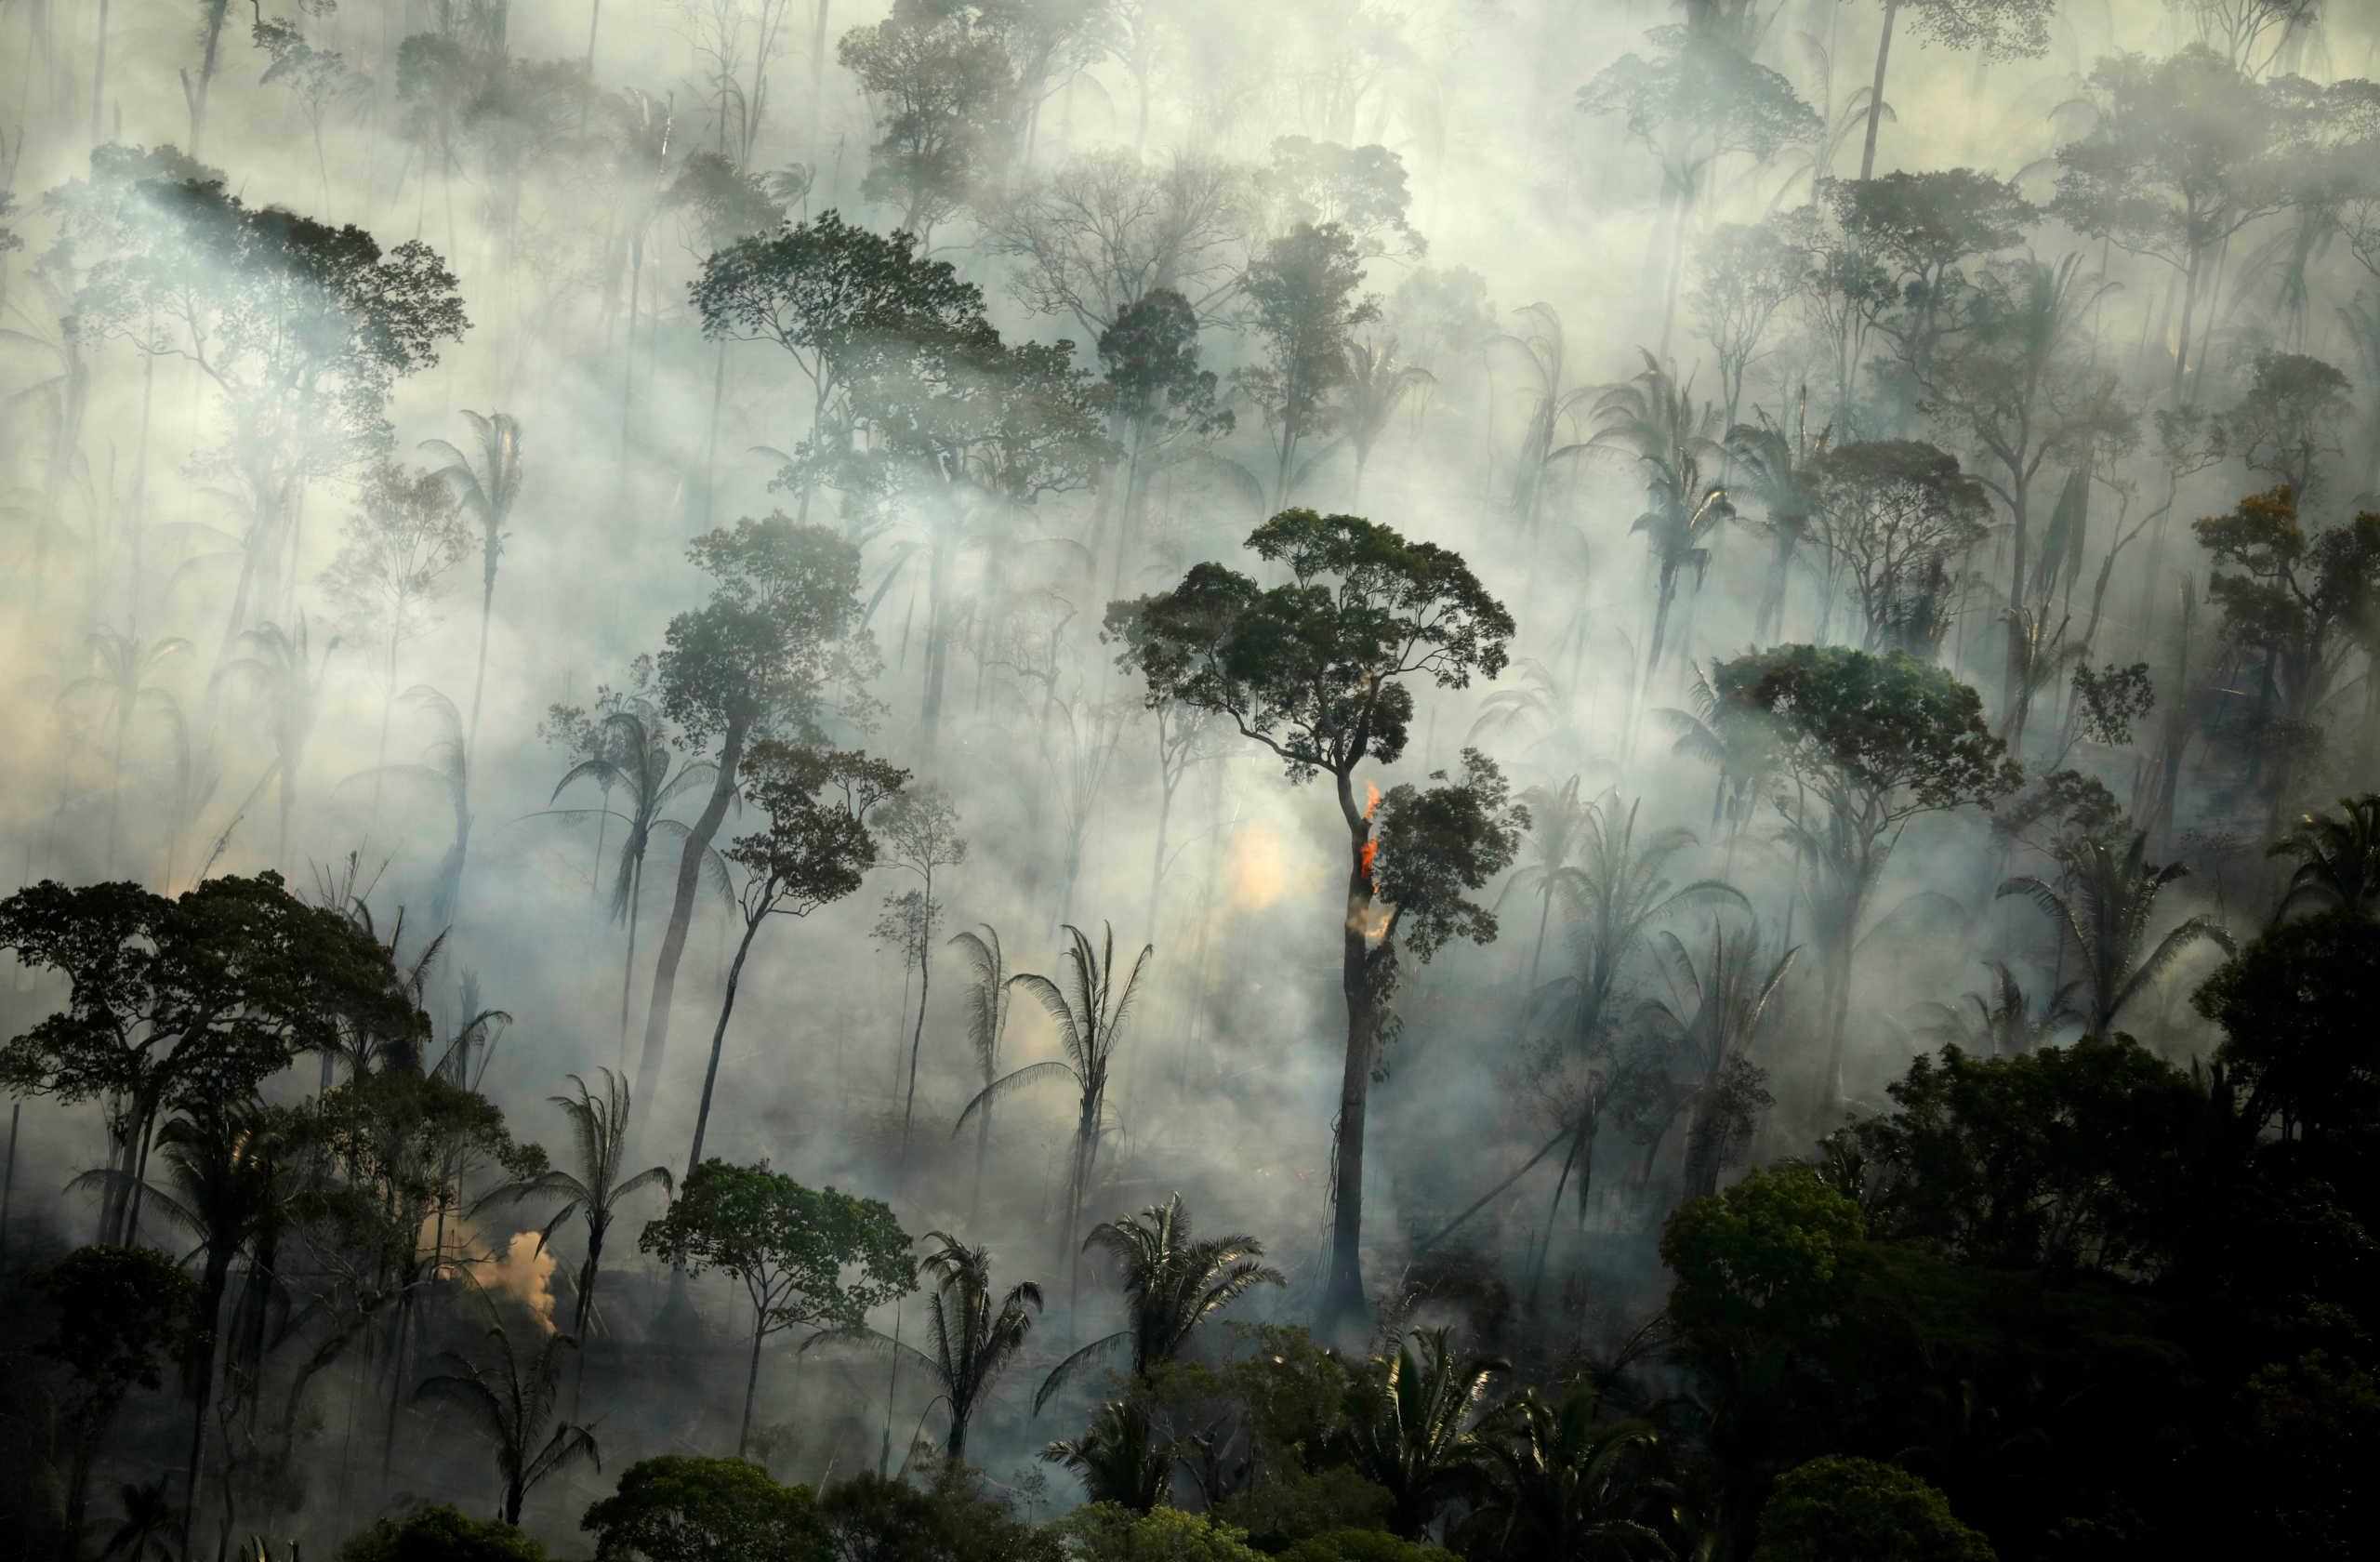 Βραζιλία: Ανησυχία για τον Αμαζόνιο! Φωτιές – ρεκόρ τον Ιούνιο